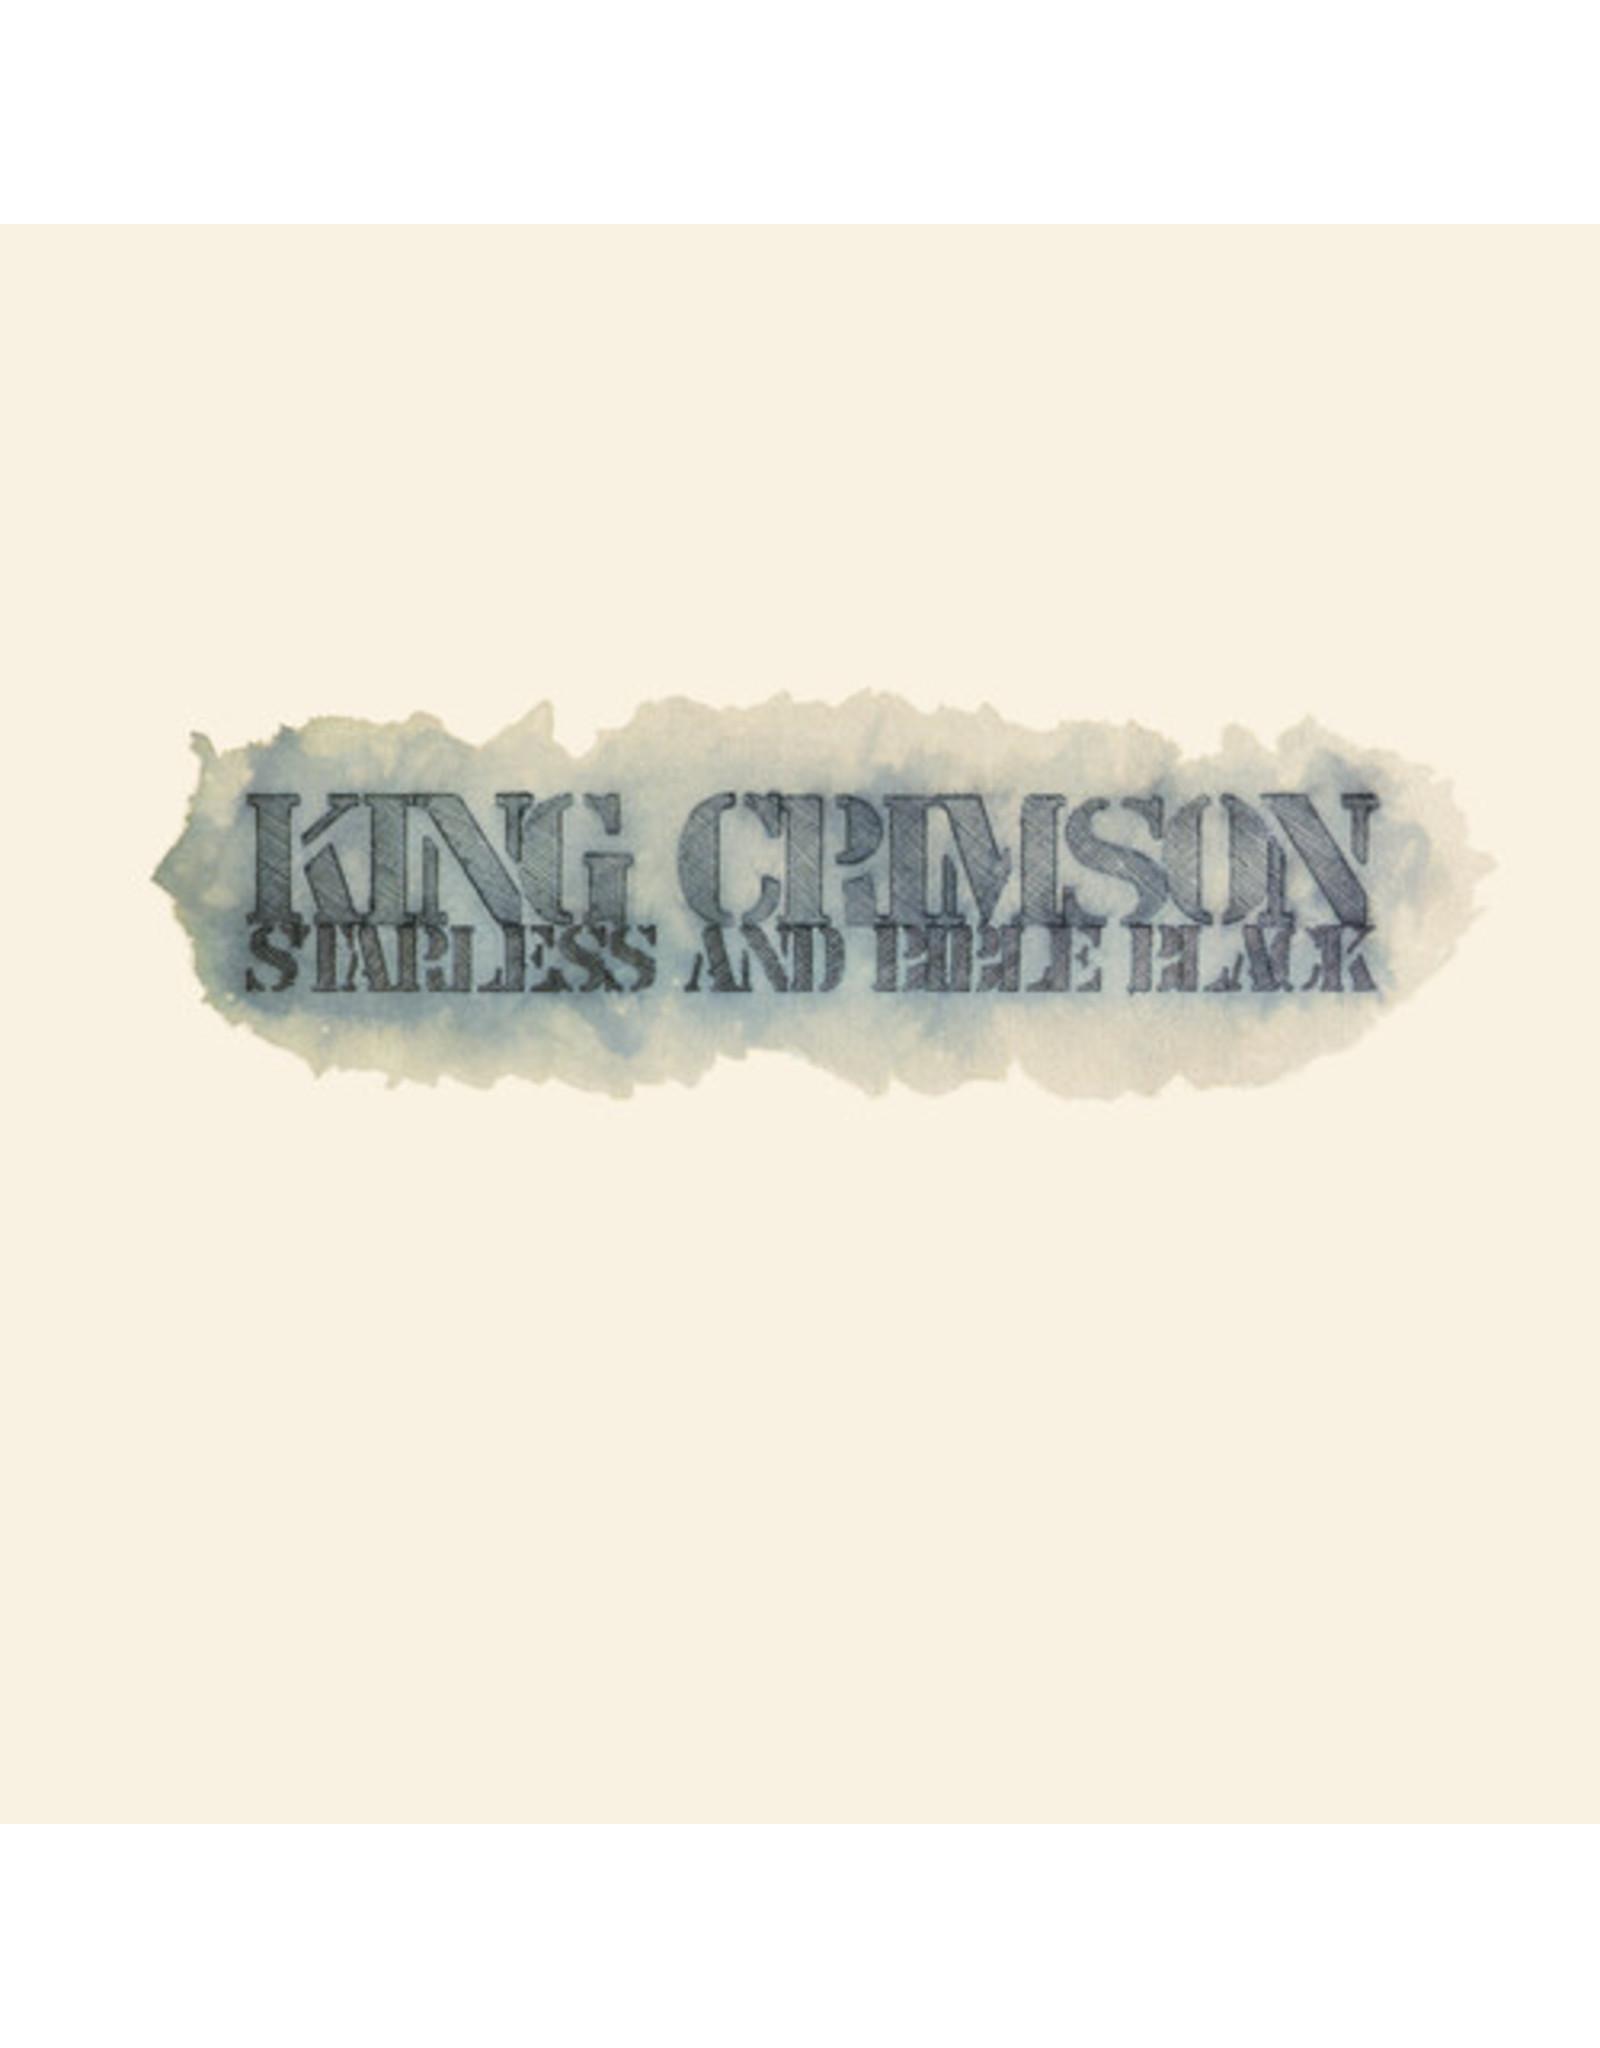 New Vinyl King Crimson - Starless & Bible Black (Remixed By Steven Wilson & Robert Fripp, Ltd. 200g) LP